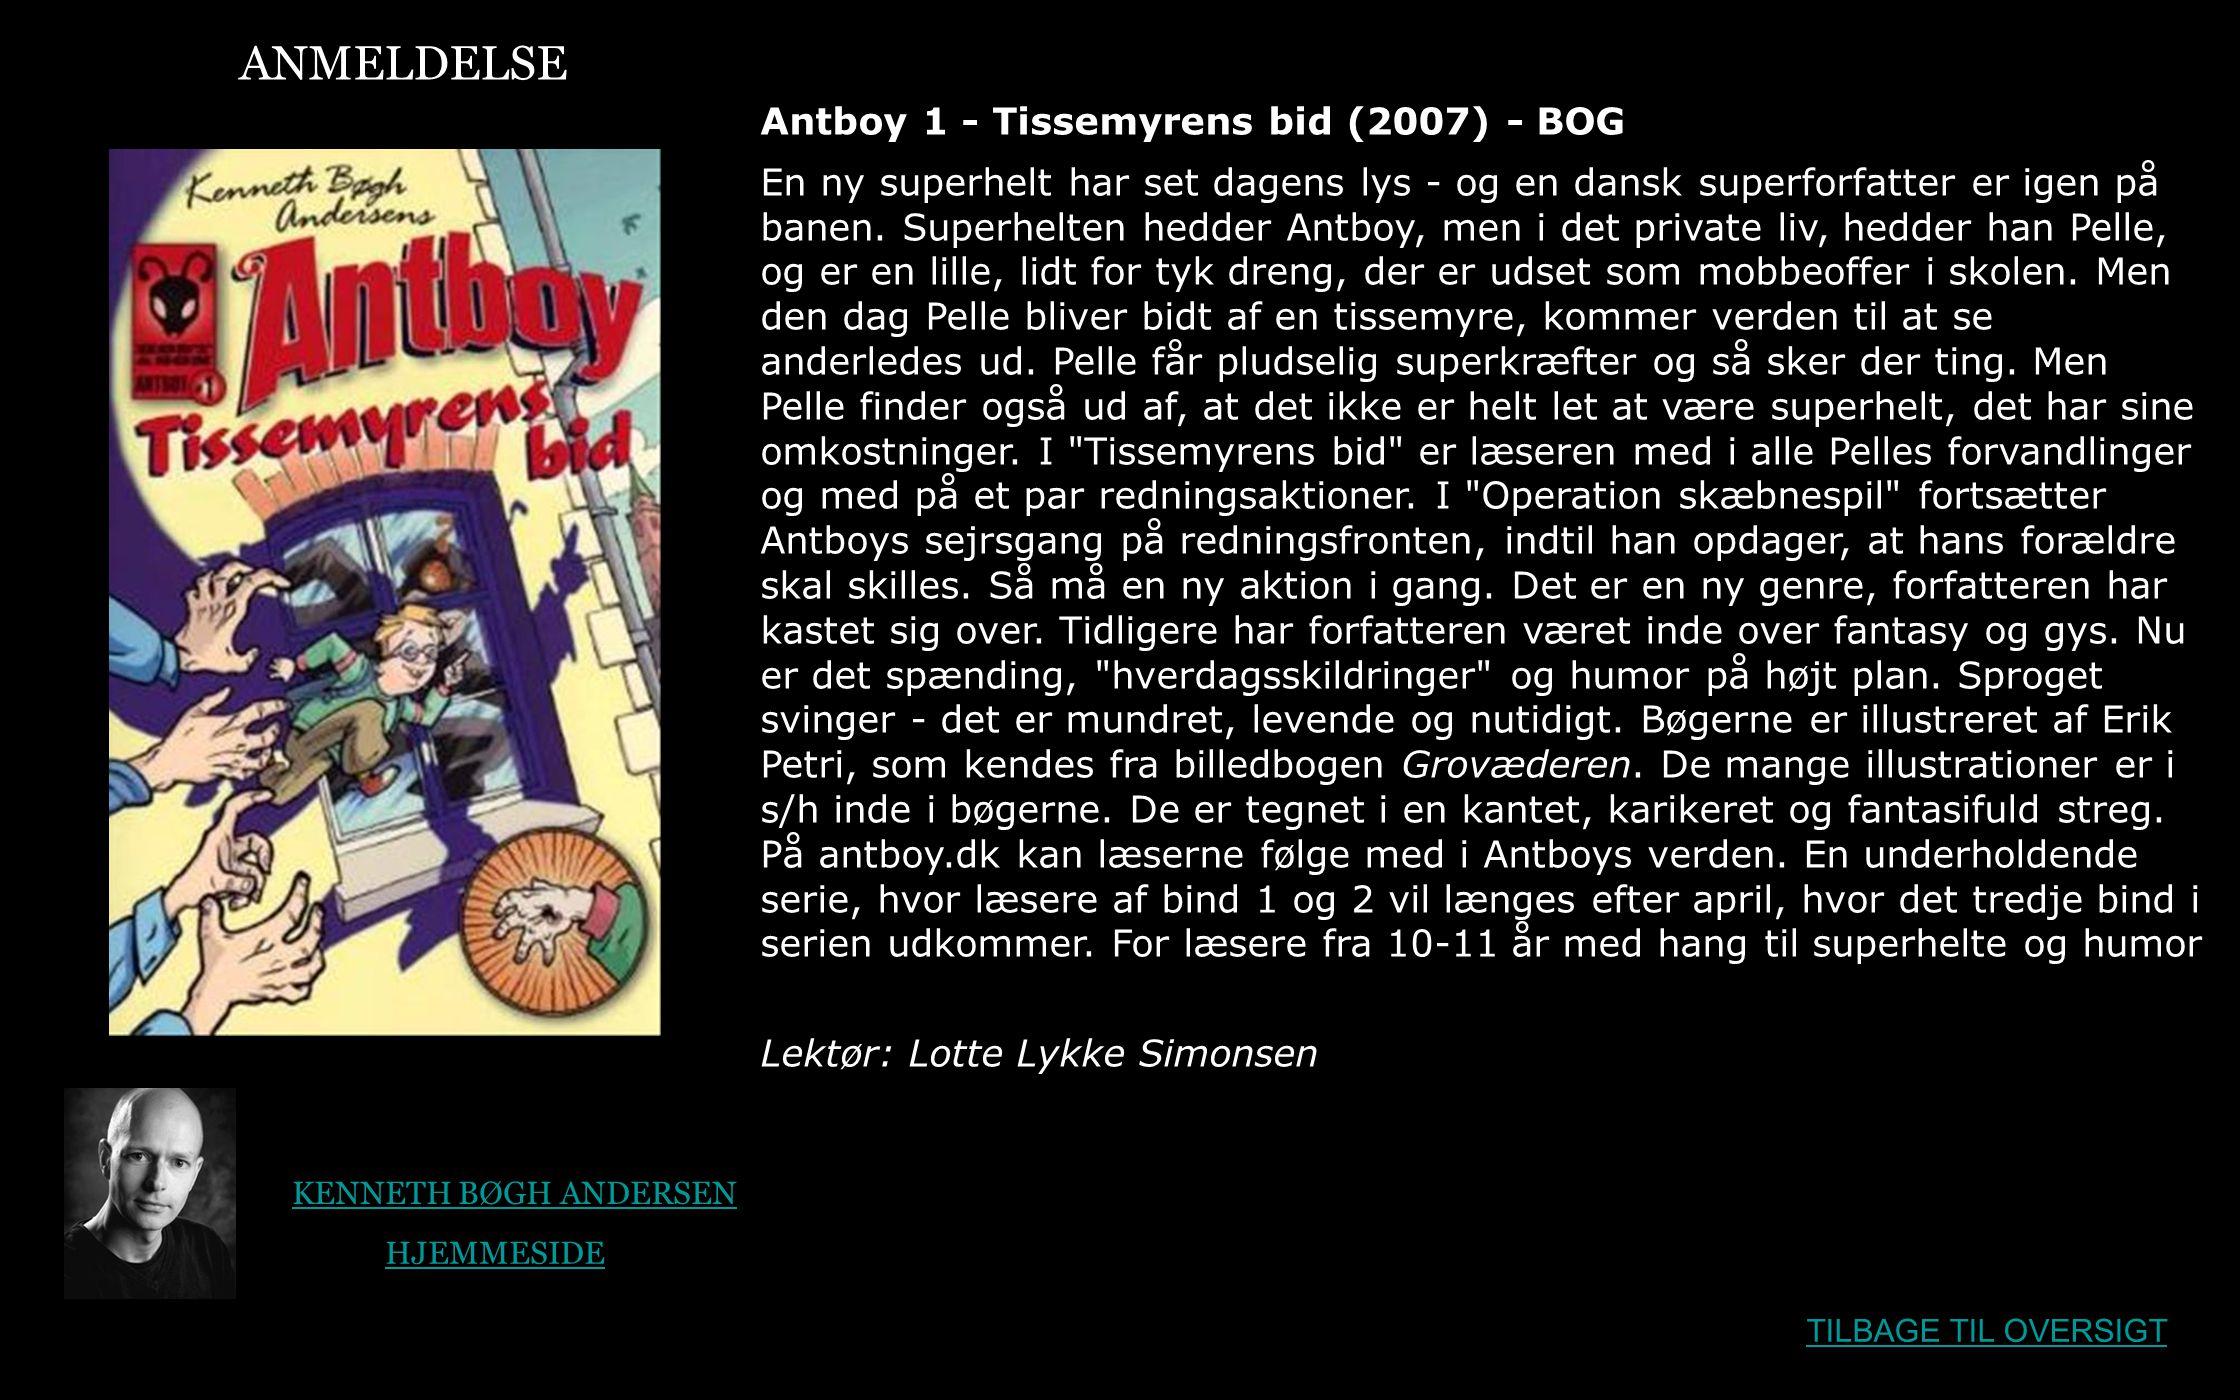 ANMELDELSE Antboy 1 - Tissemyrens bid (2007) - BOG